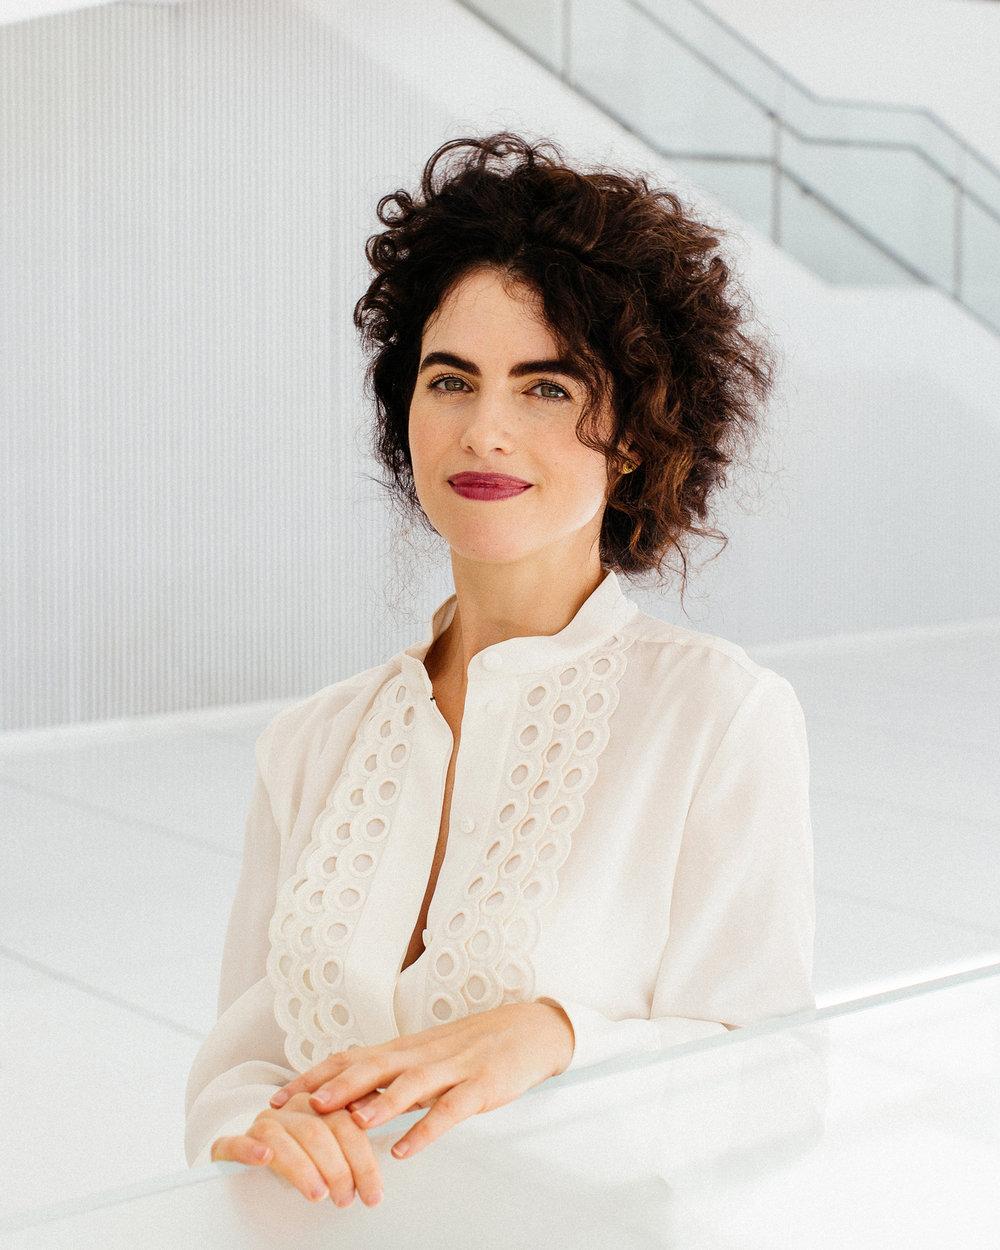 Neri Oxman - NYT Styles